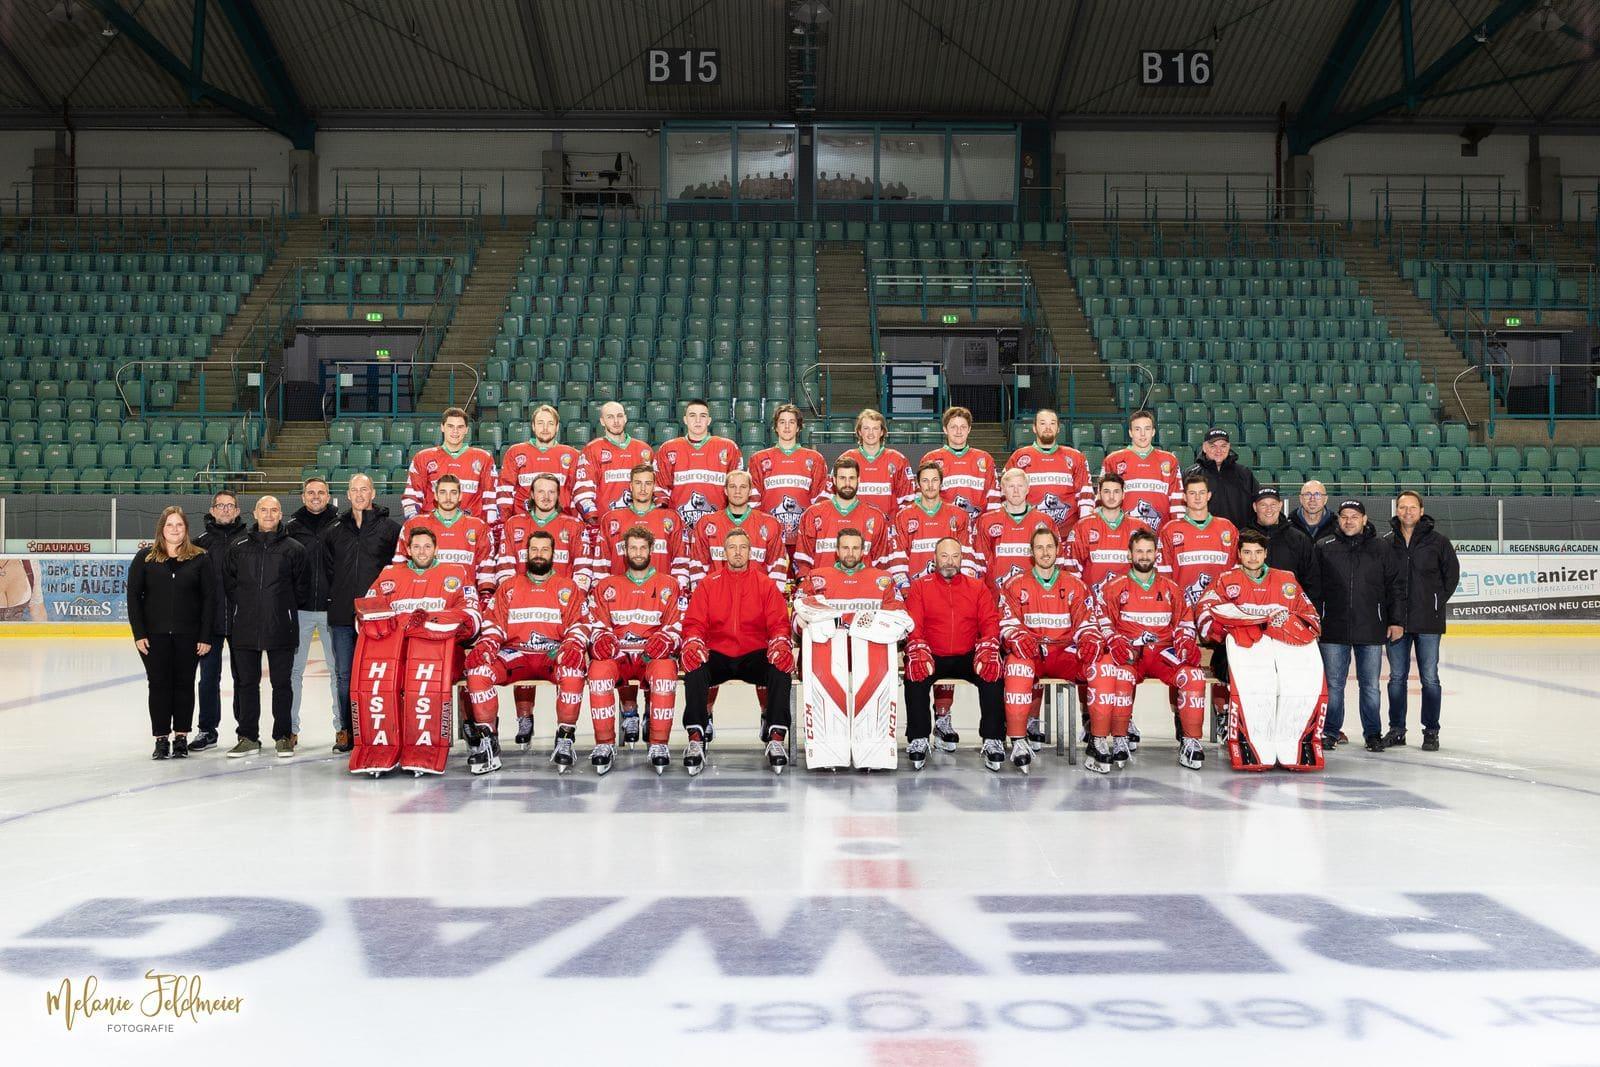 Die Eisbären treffen im Playoff-Finale auf die Wölfe Regensburger Eishockeyteam startet am Freitag gegen Selb in die Best-of-Five-Serie